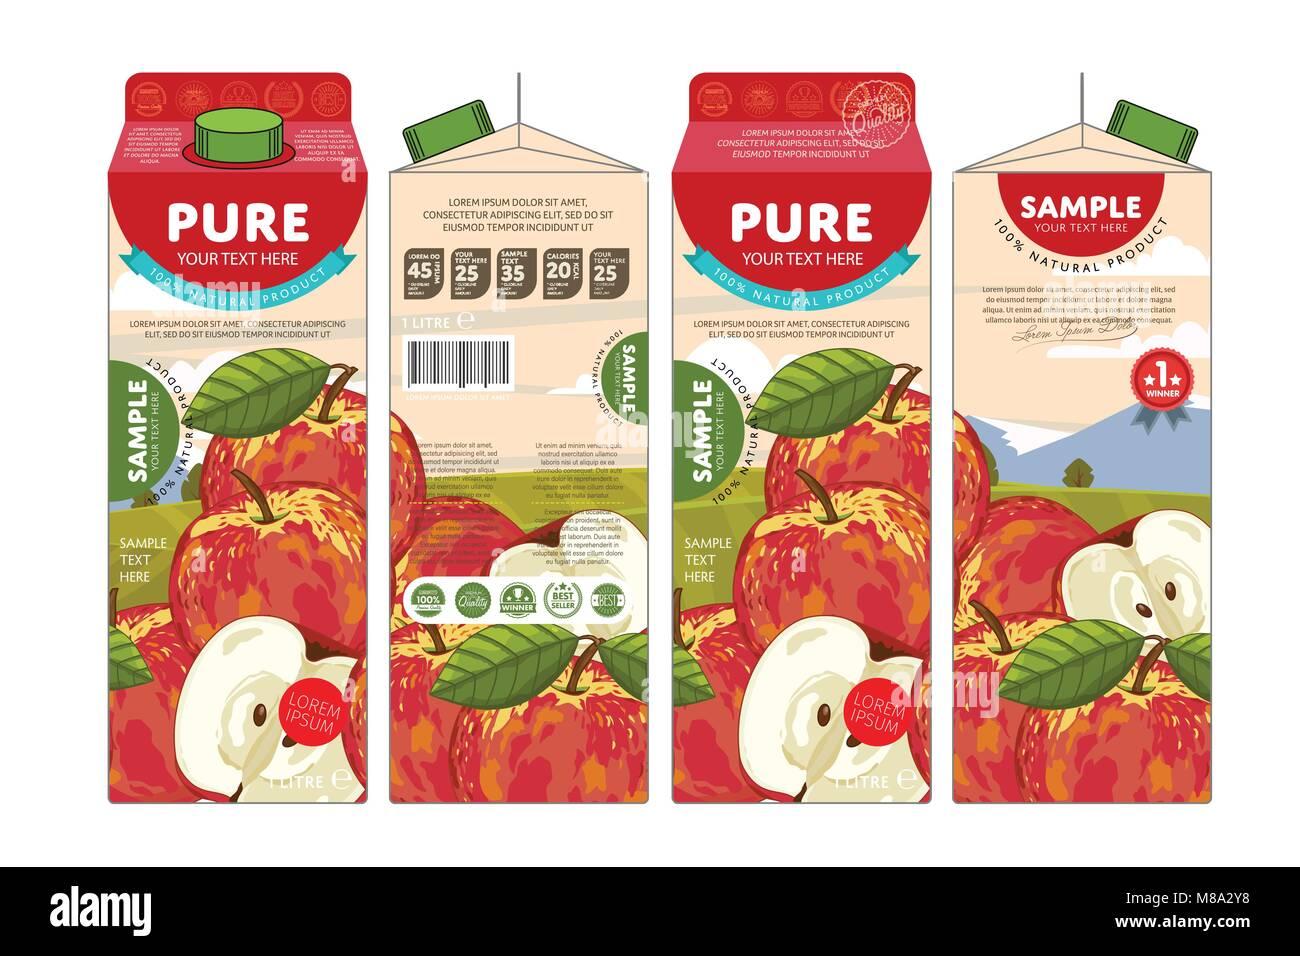 Plantilla de diseño de envases de jugo de manzana Imagen De Stock